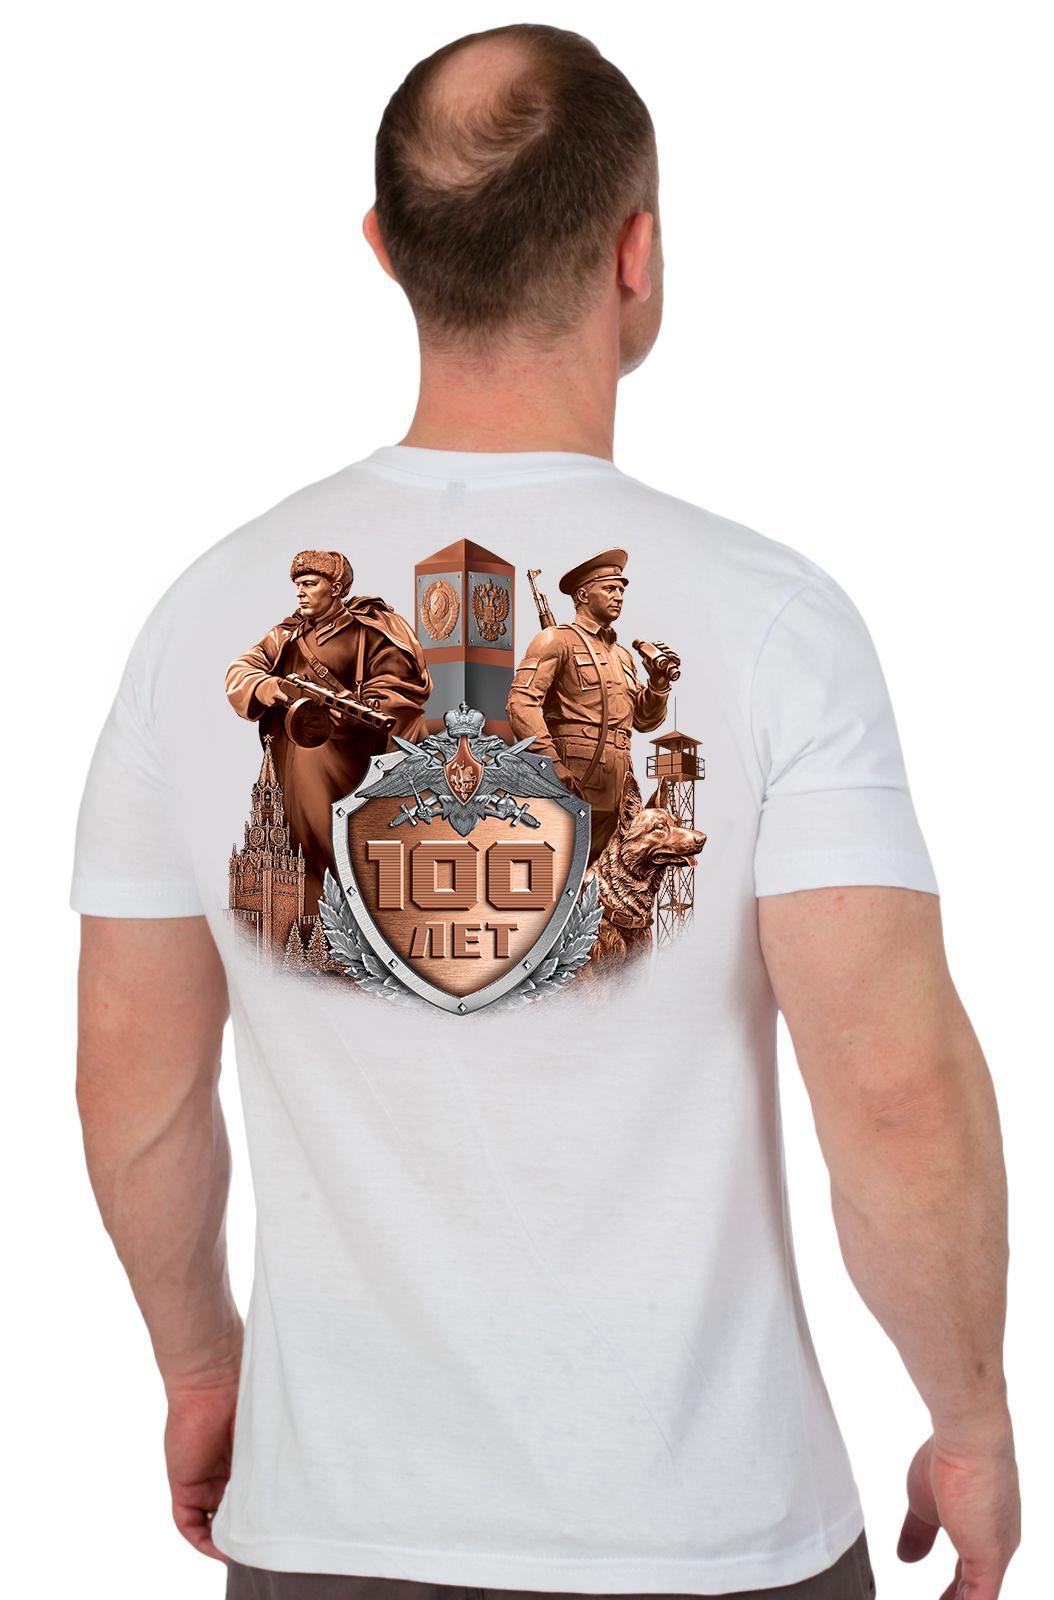 Пограничная футболка к 100-летию ПВ России по лучшей цене